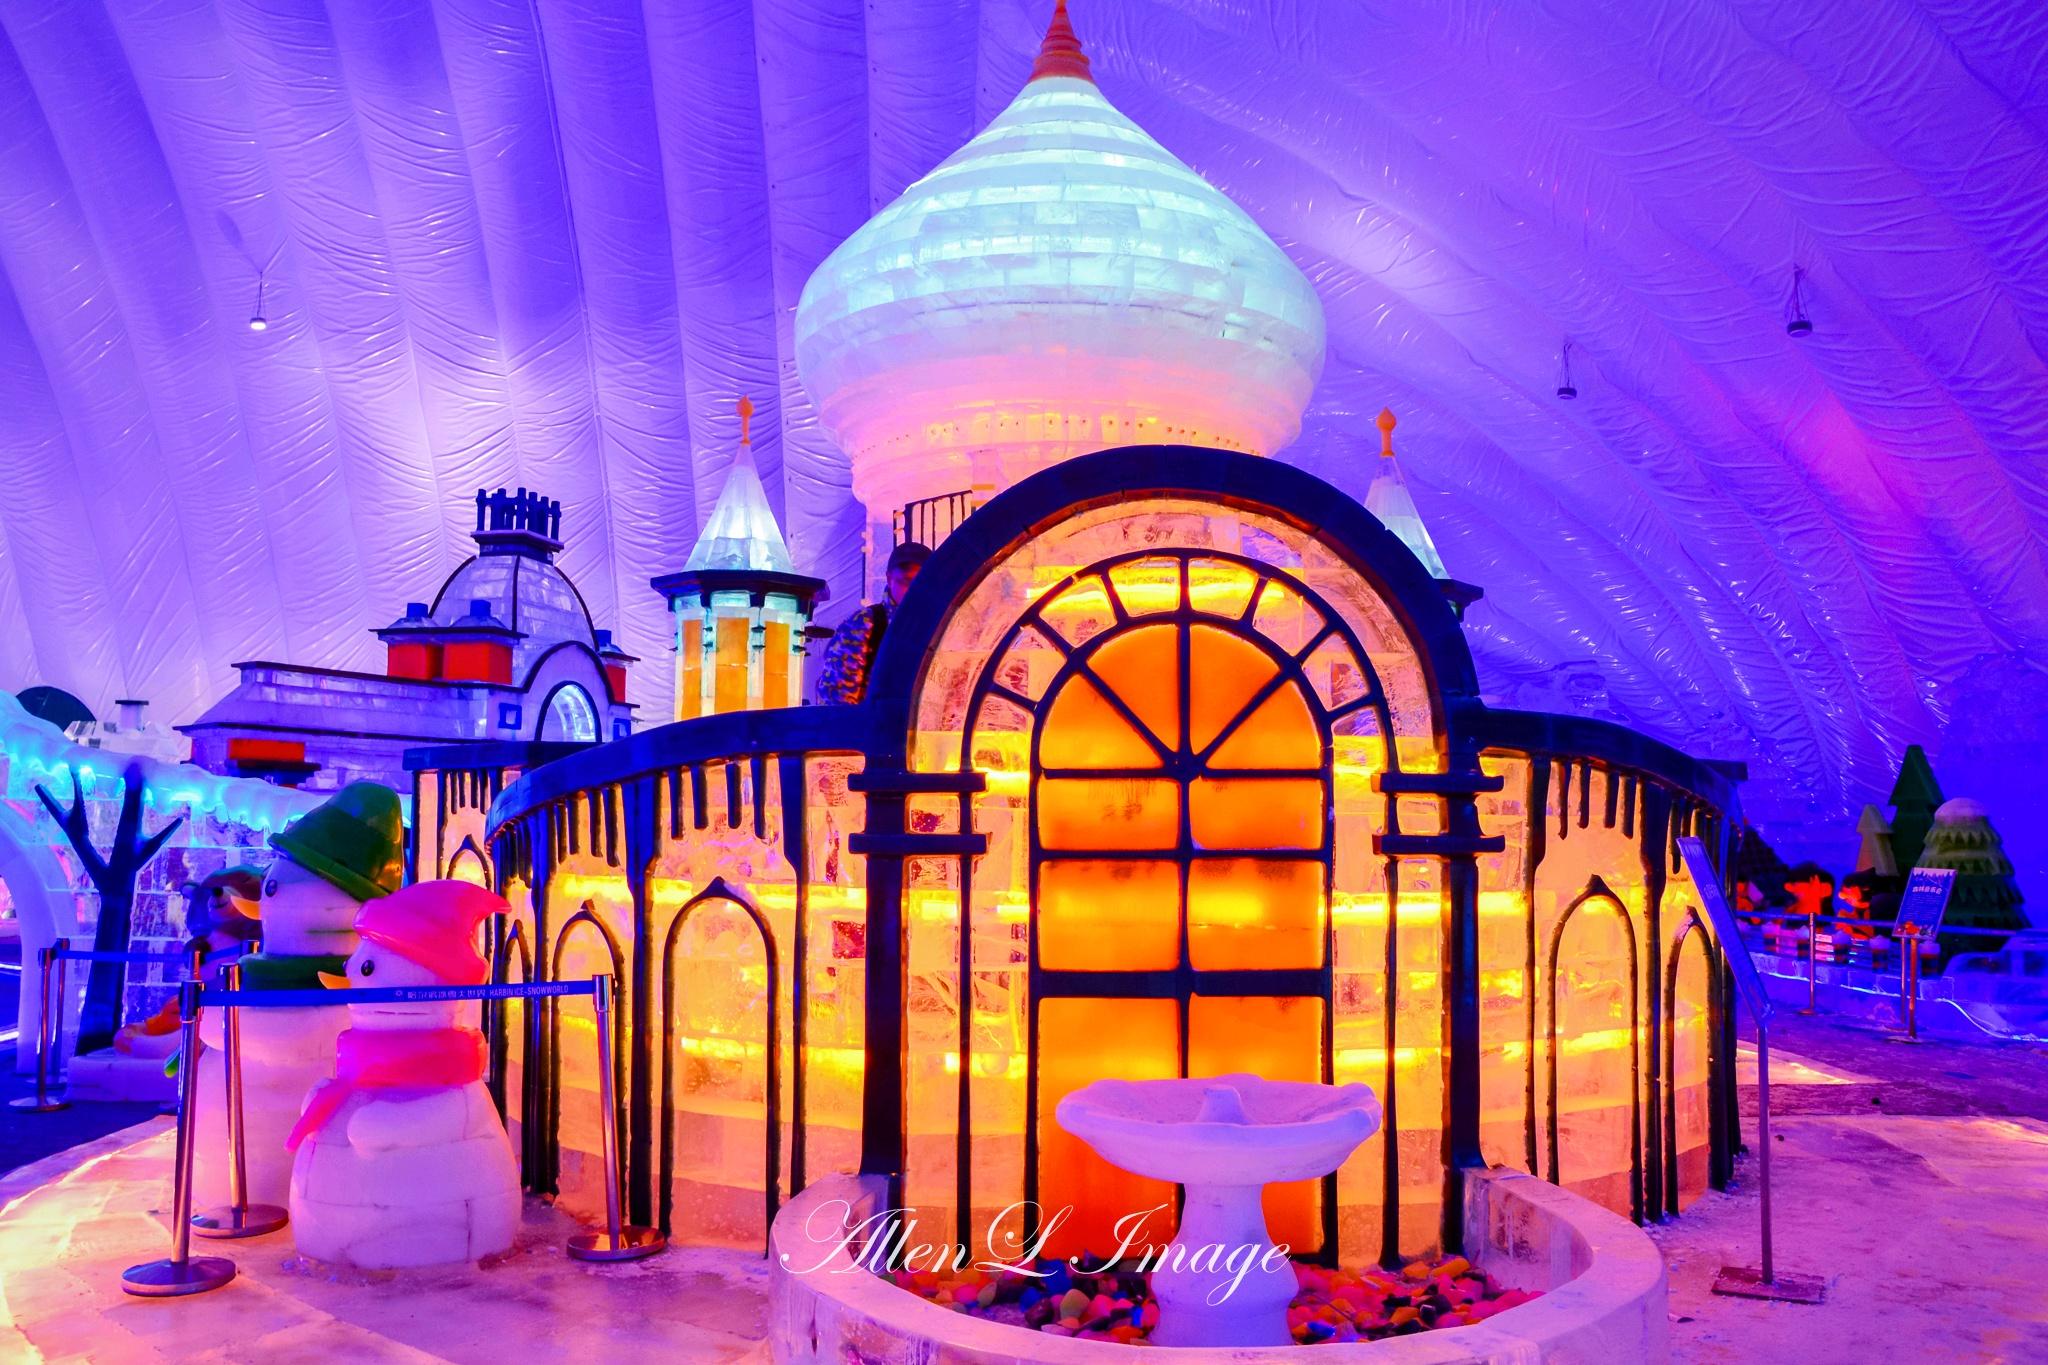 哈尔滨有哪些室内的好玩的地方图片图片